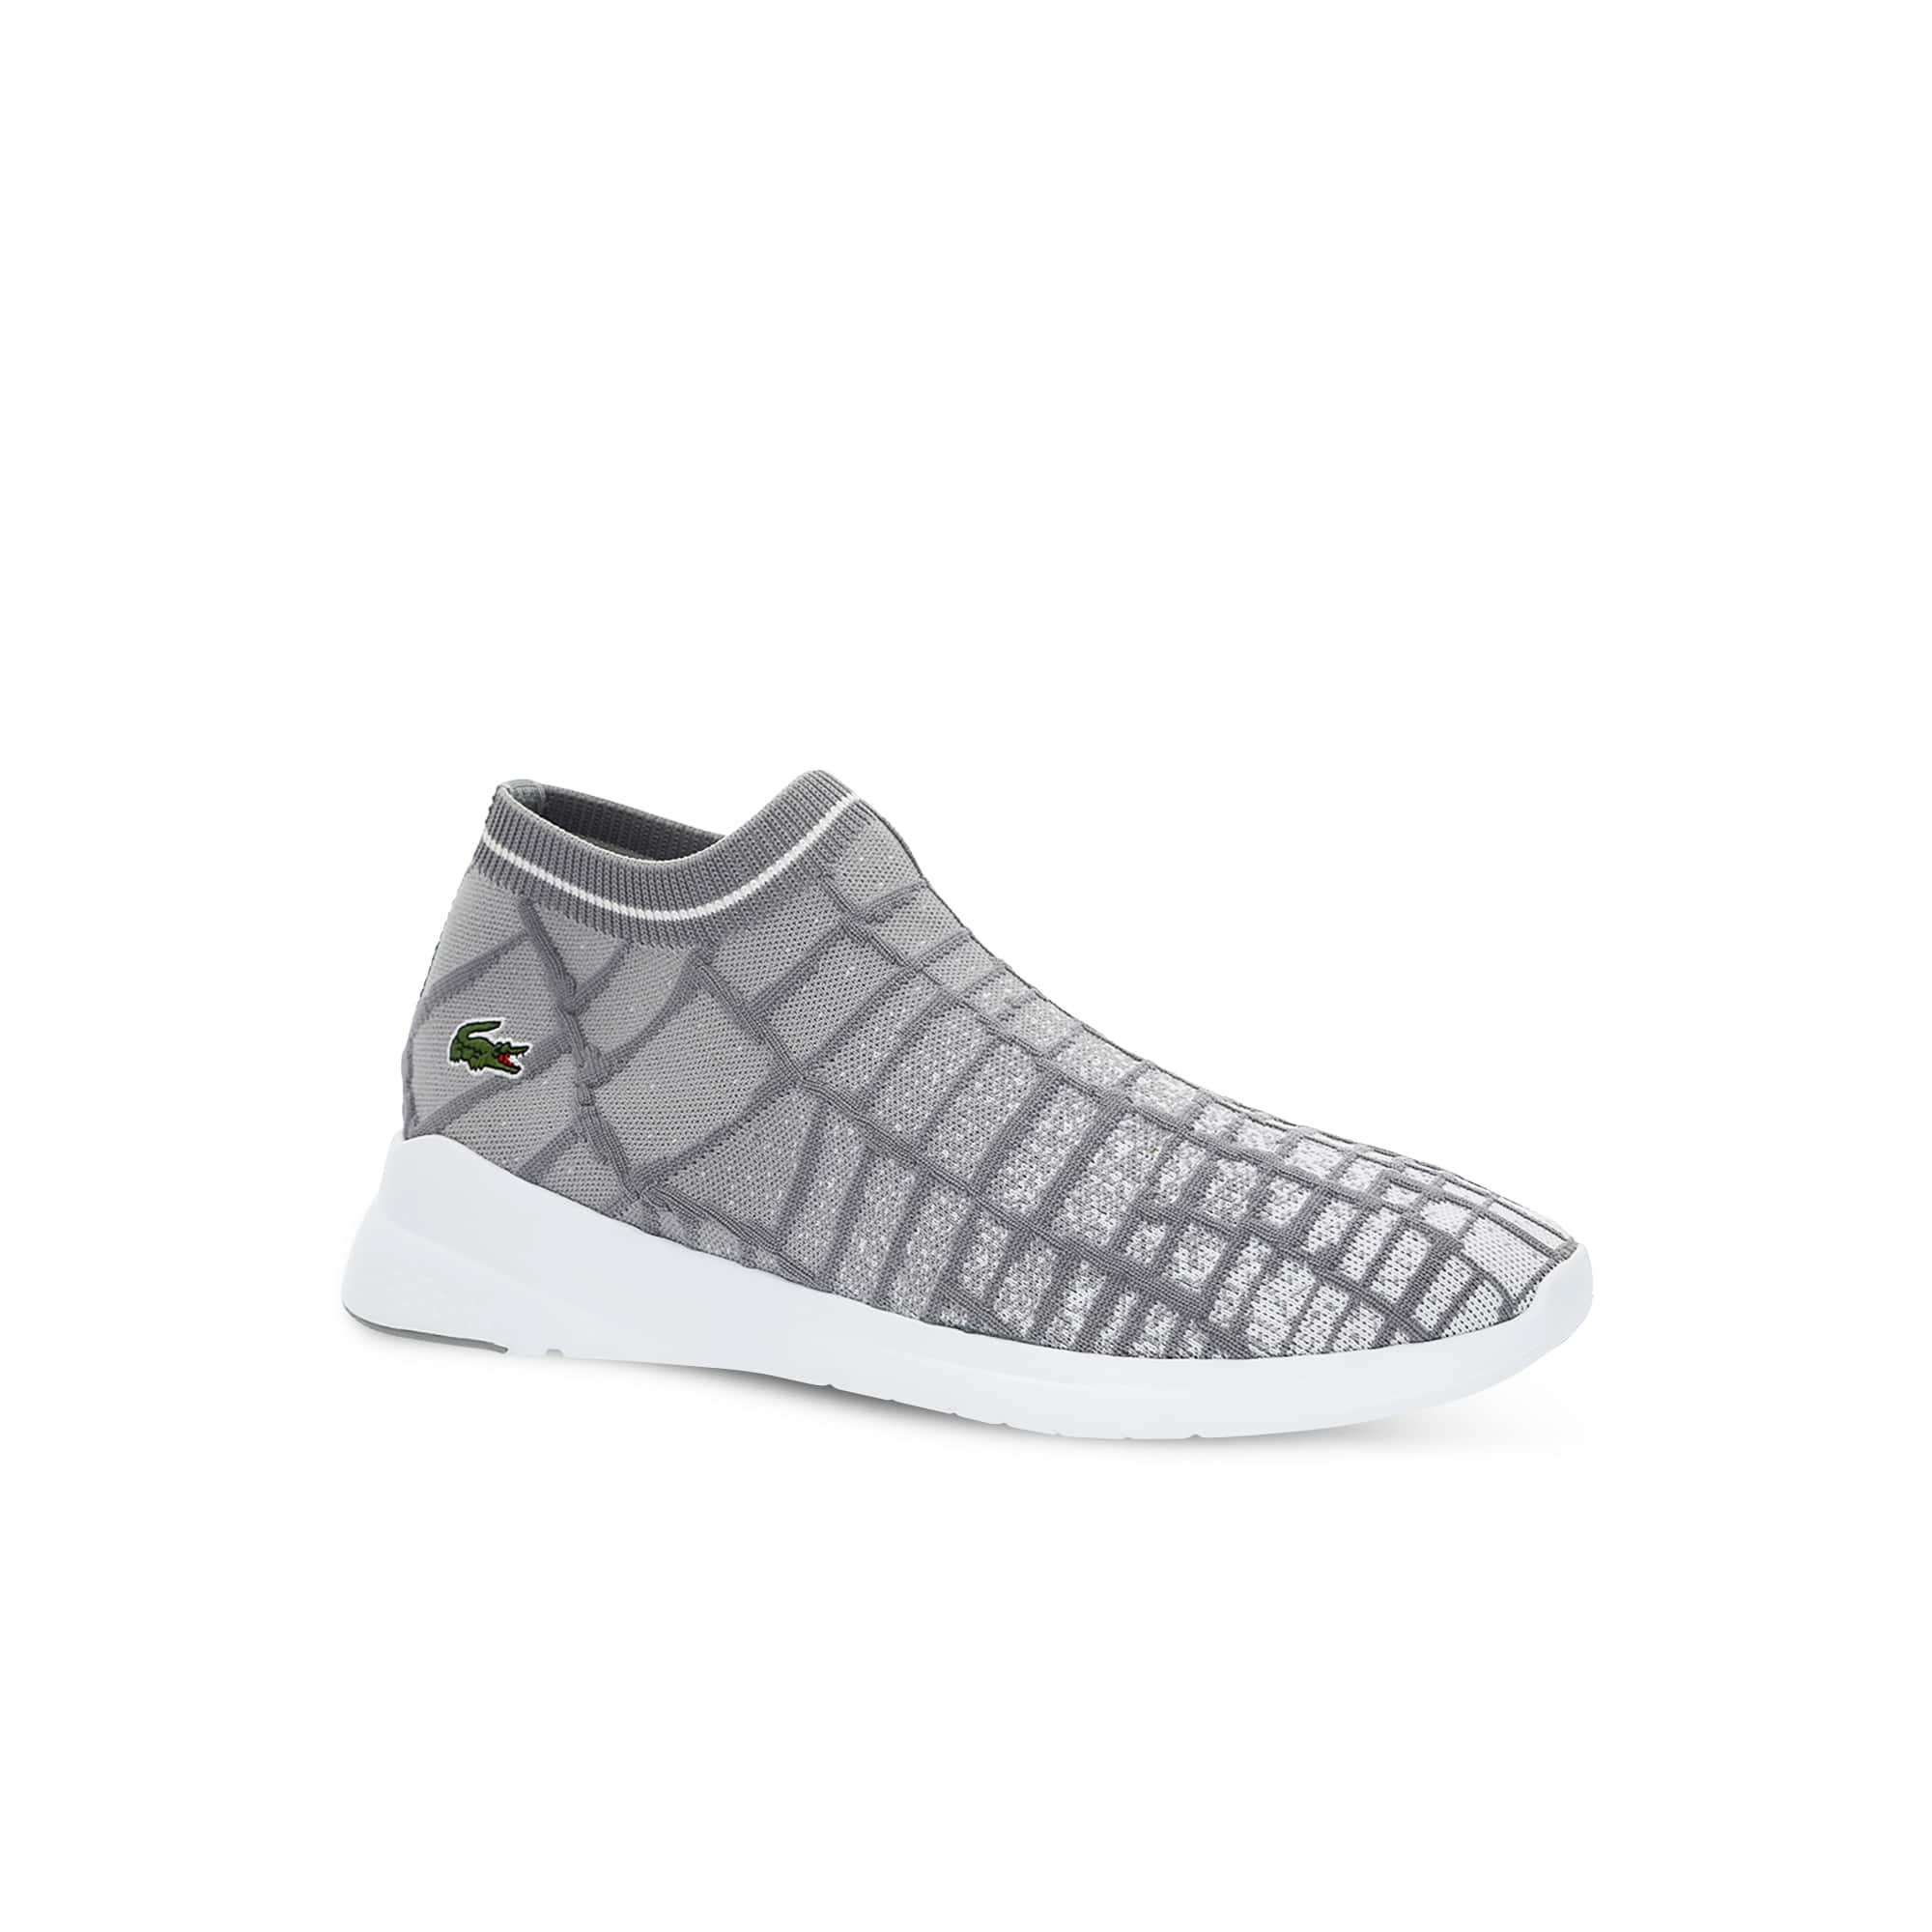 a428f9fe4a56d8 Men s Shoes